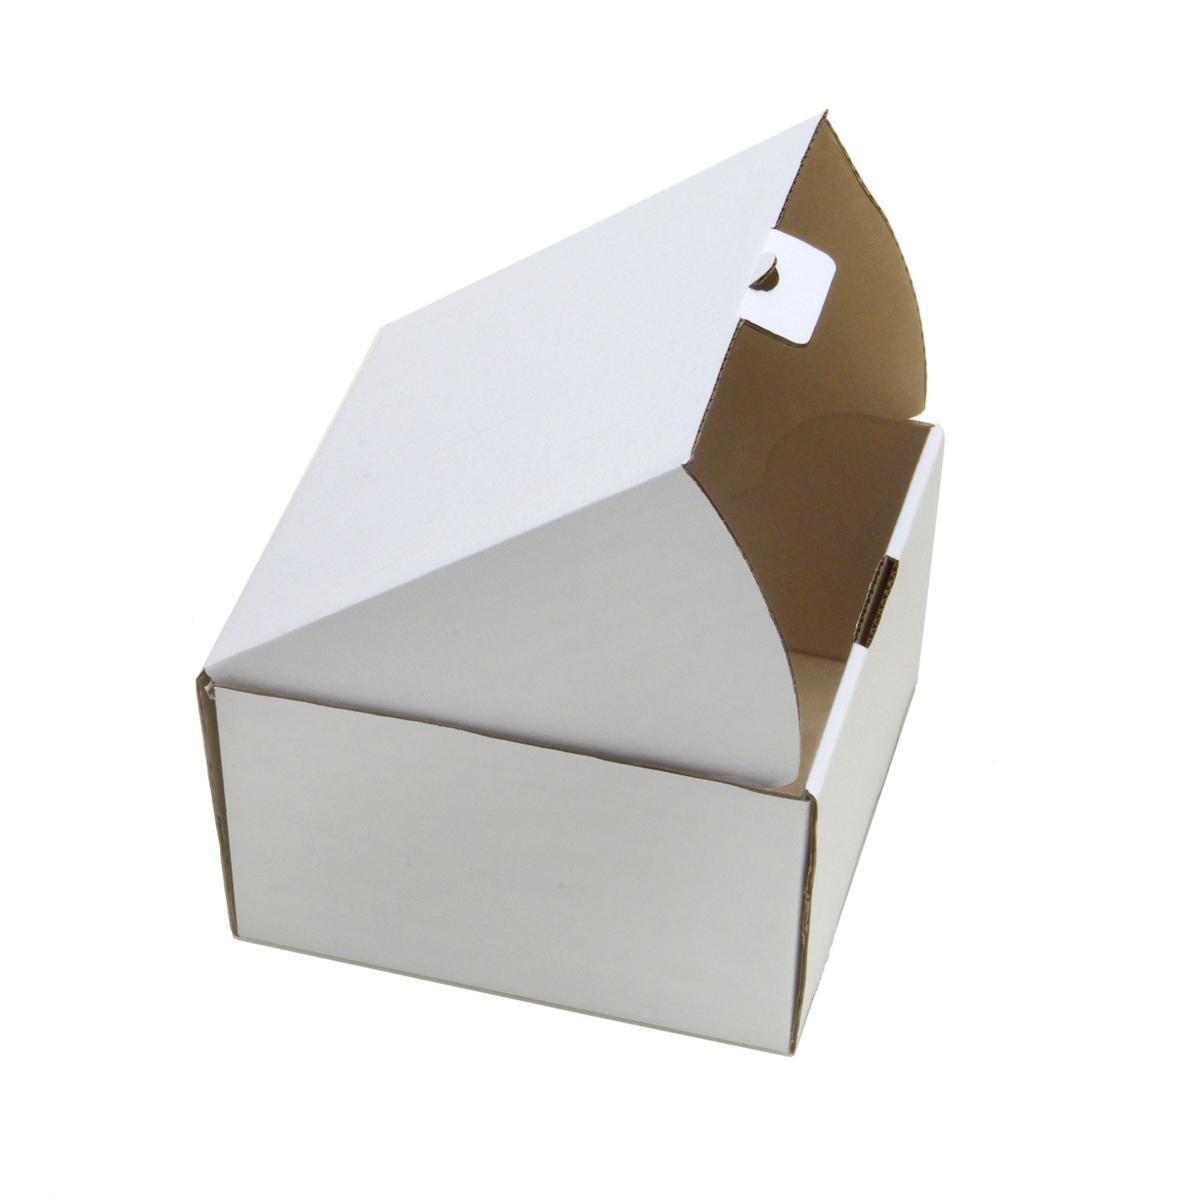 Caixa Para Bolo 25x25x15cm - Pacote com 10 unidades